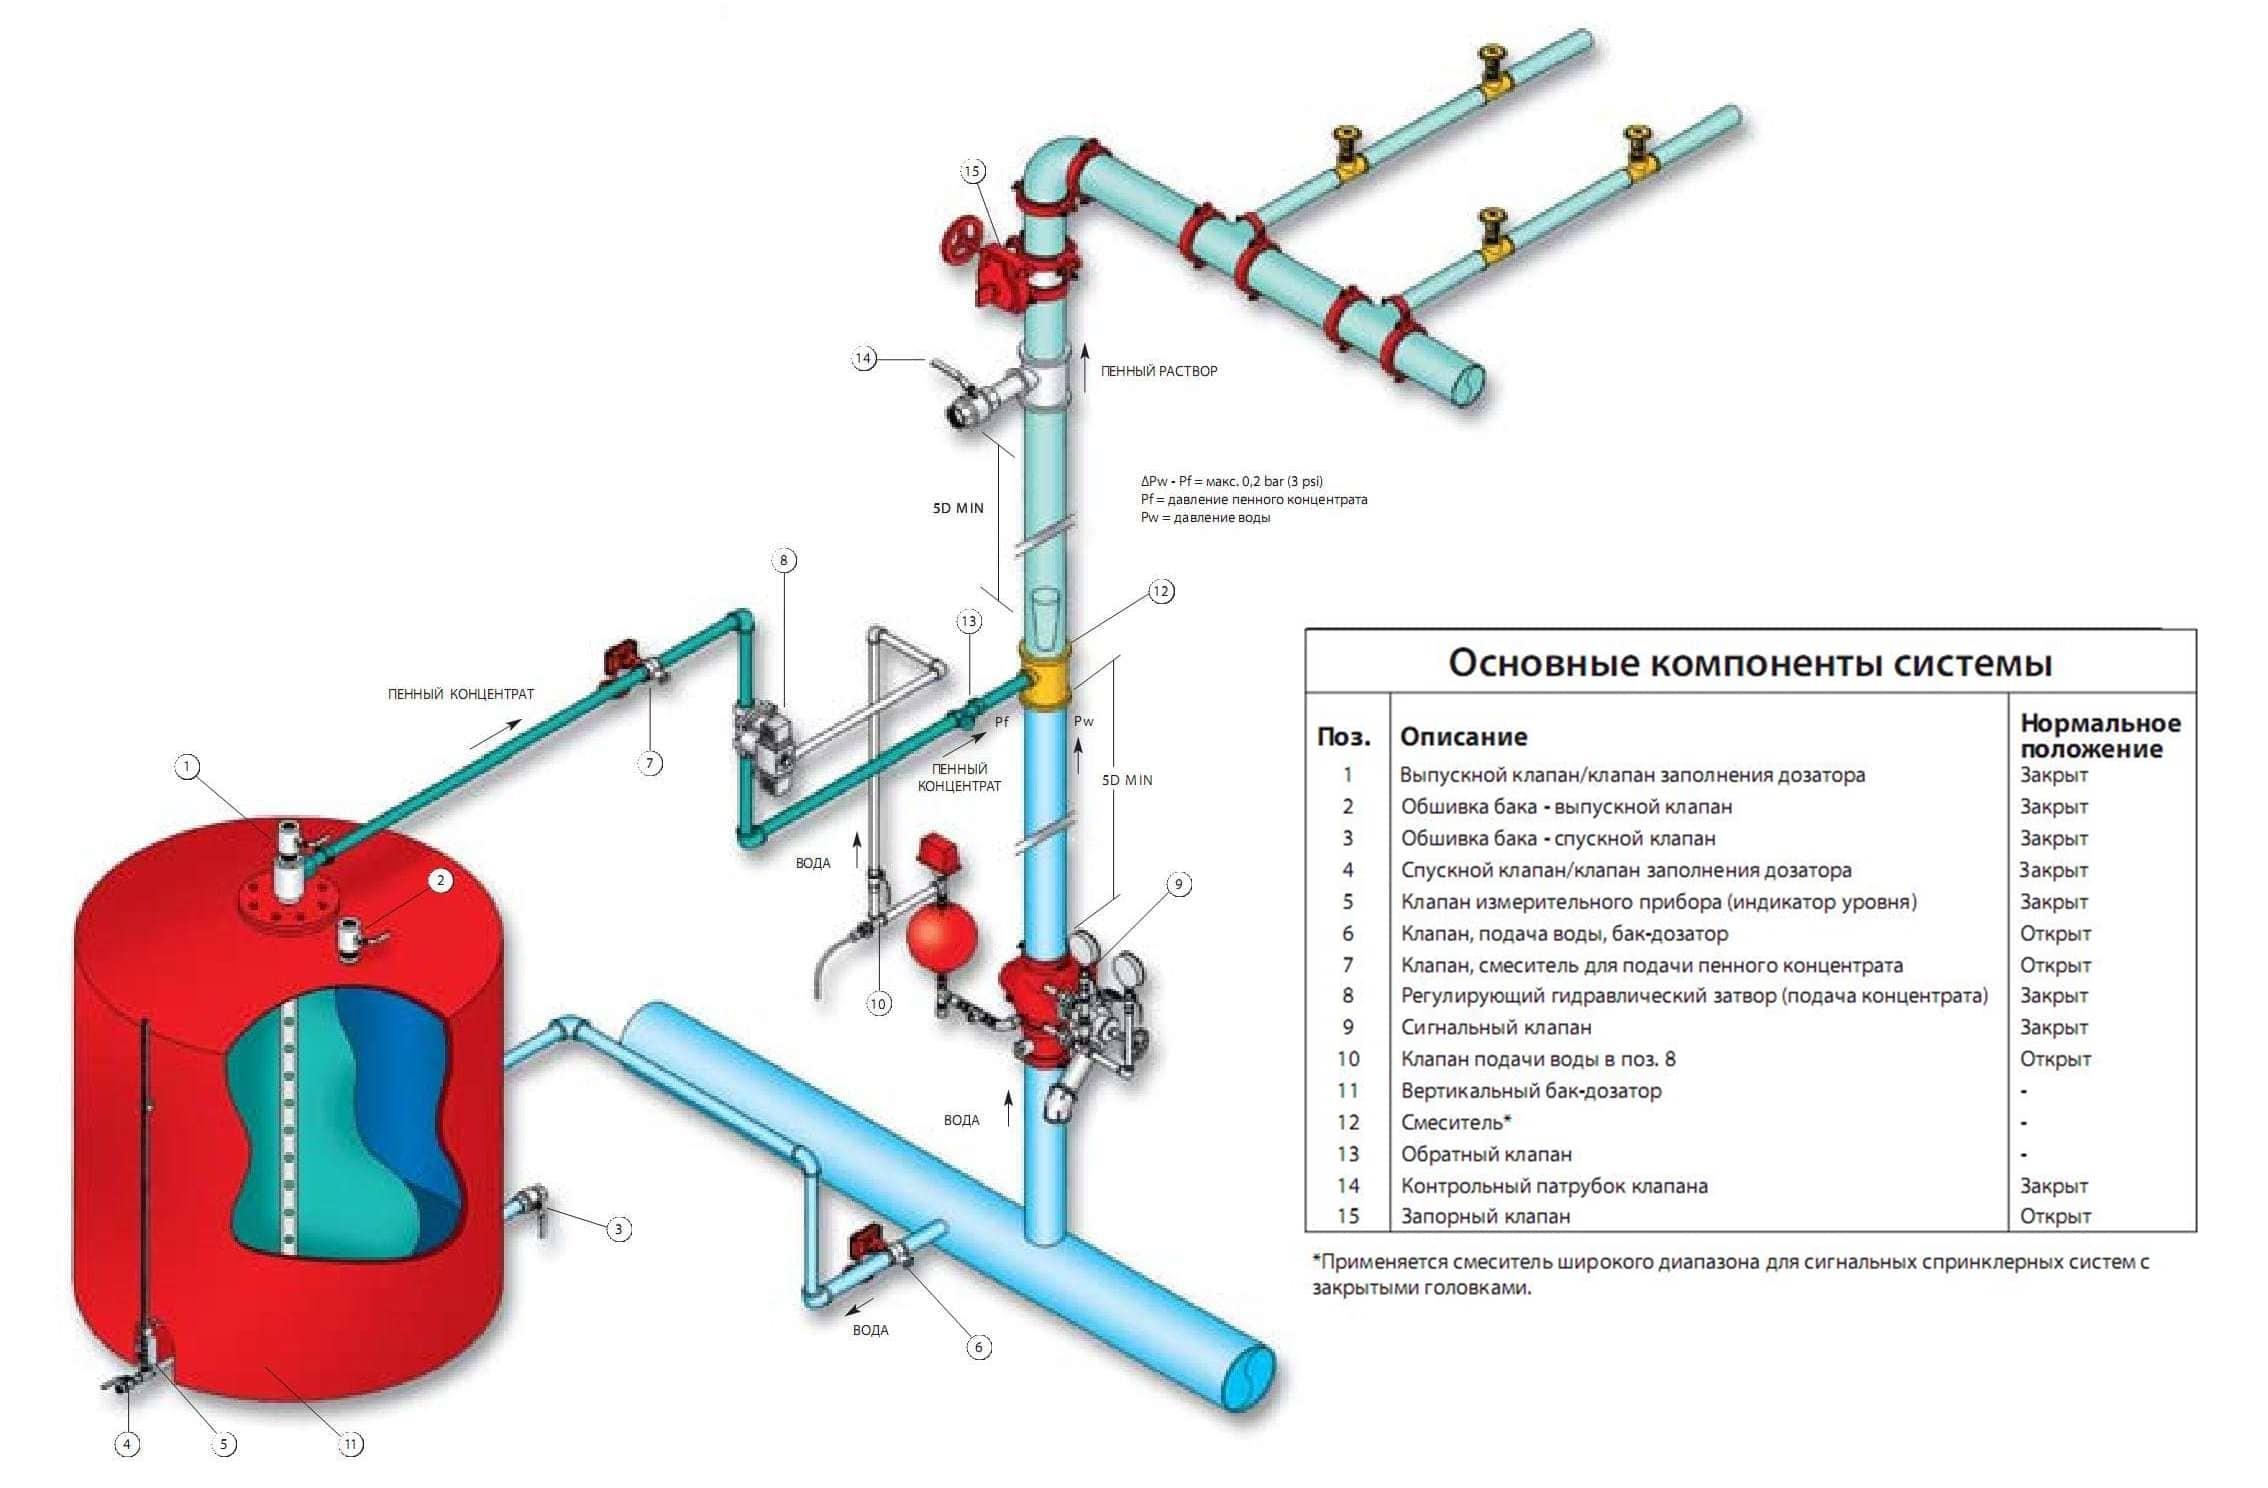 Типовая пенная система пожаротушения со спринклерами с закрытой головкой